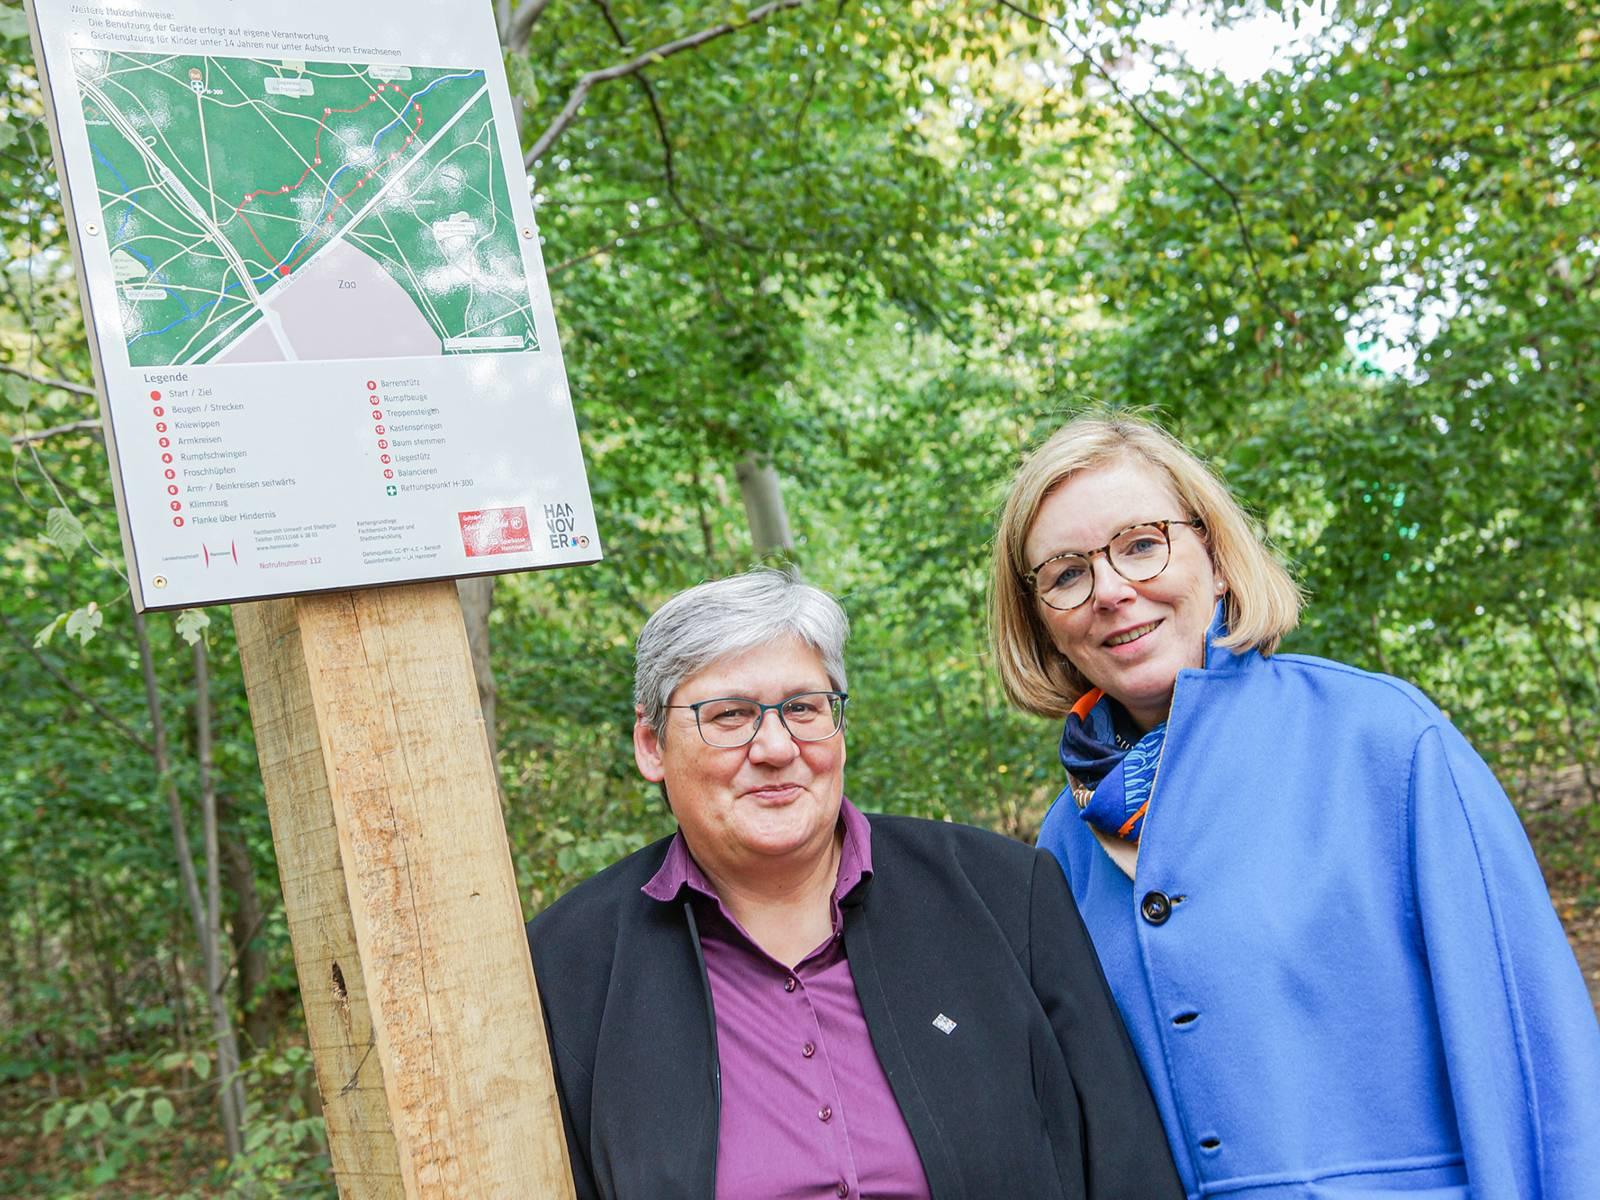 Zwei Frauen an einem Hinweisschild für einen Trimm-dich-Pfad